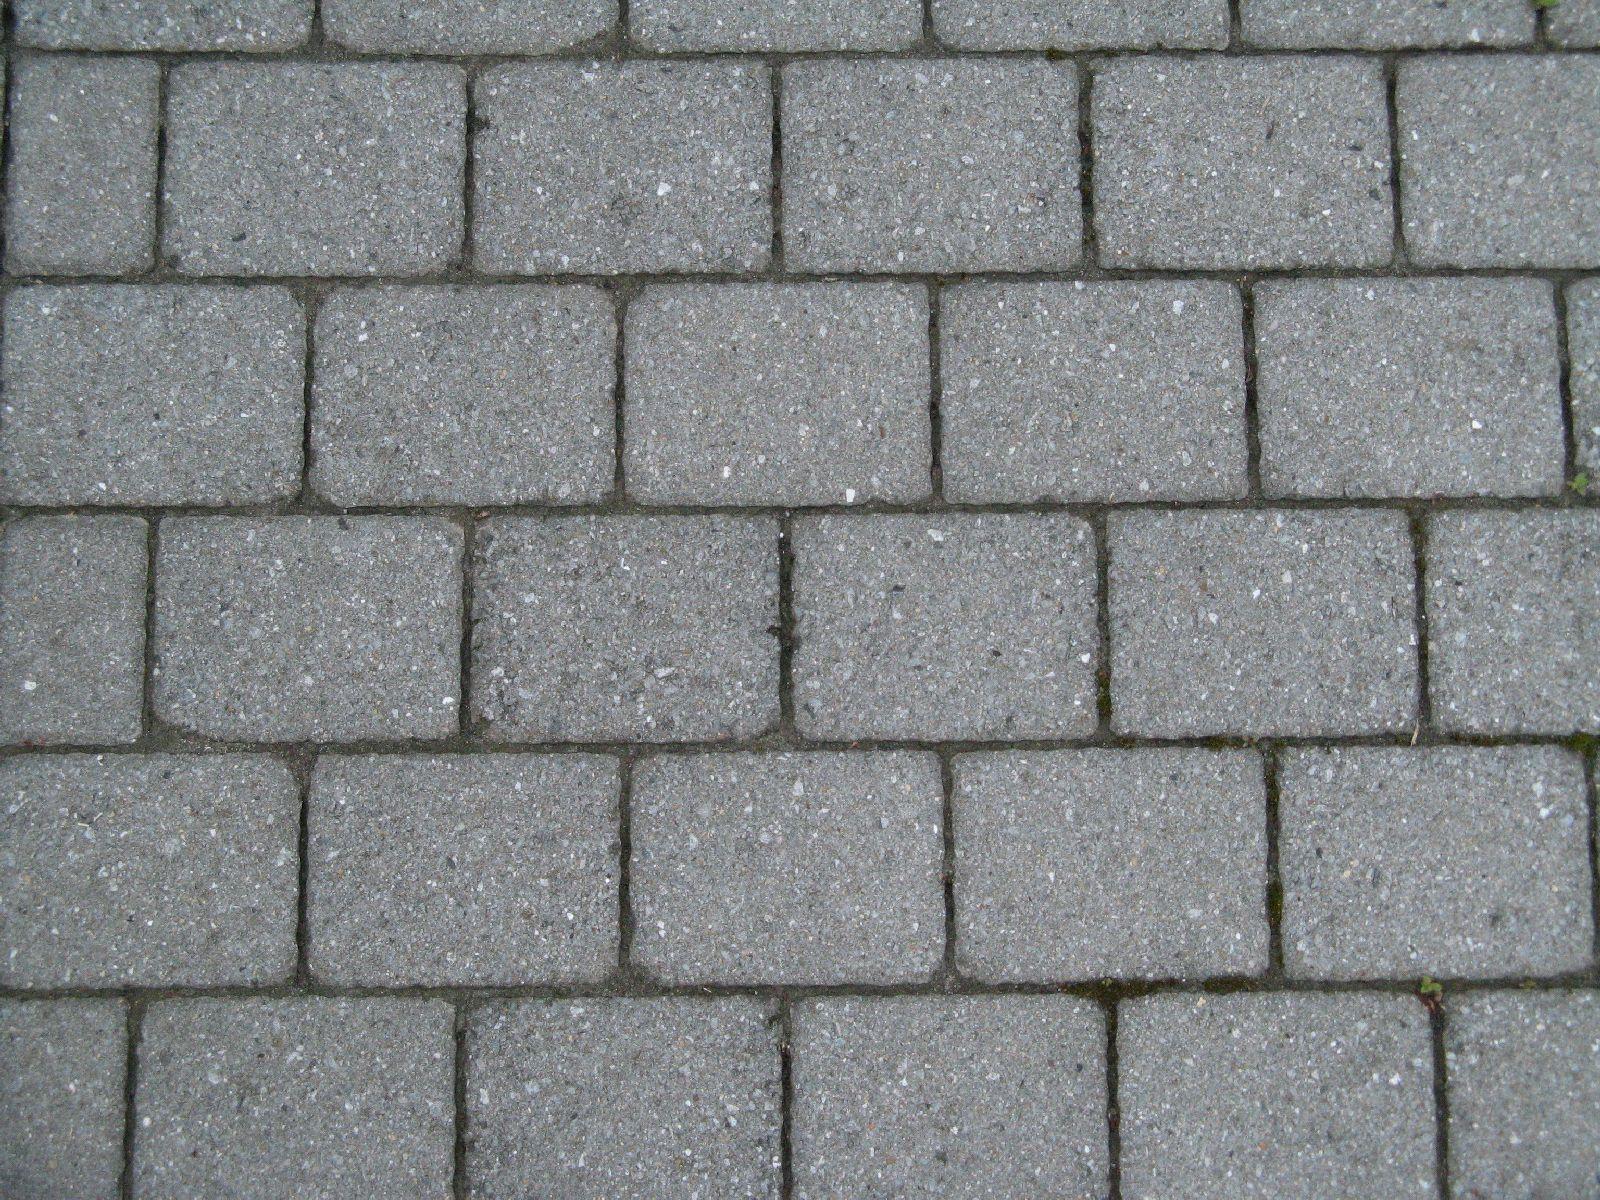 Boden-Gehweg-Strasse-Buergersteig-Textur_B_1076